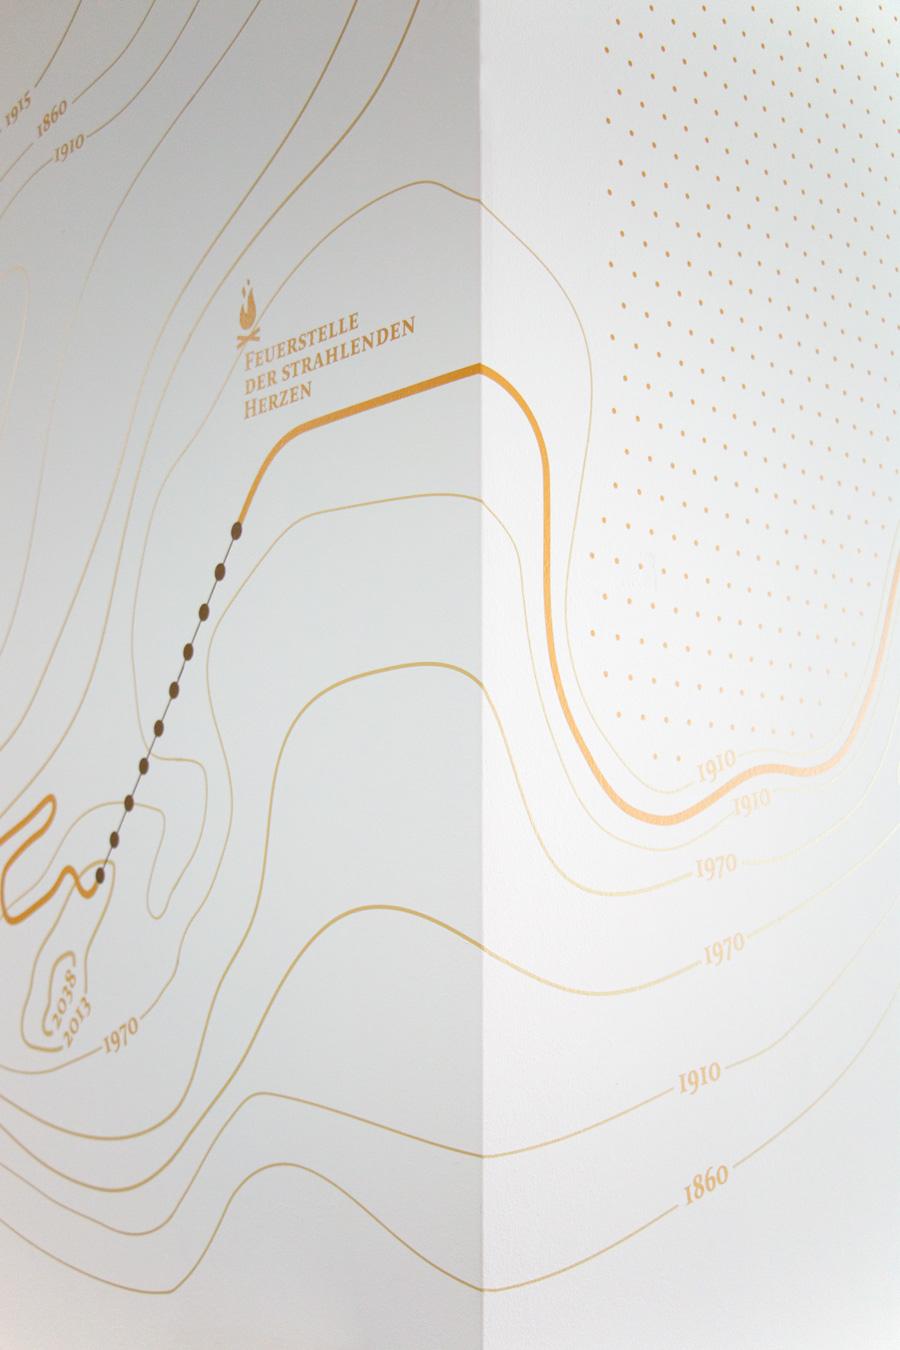 Illustration Landkarte mit malerischen Begriffen